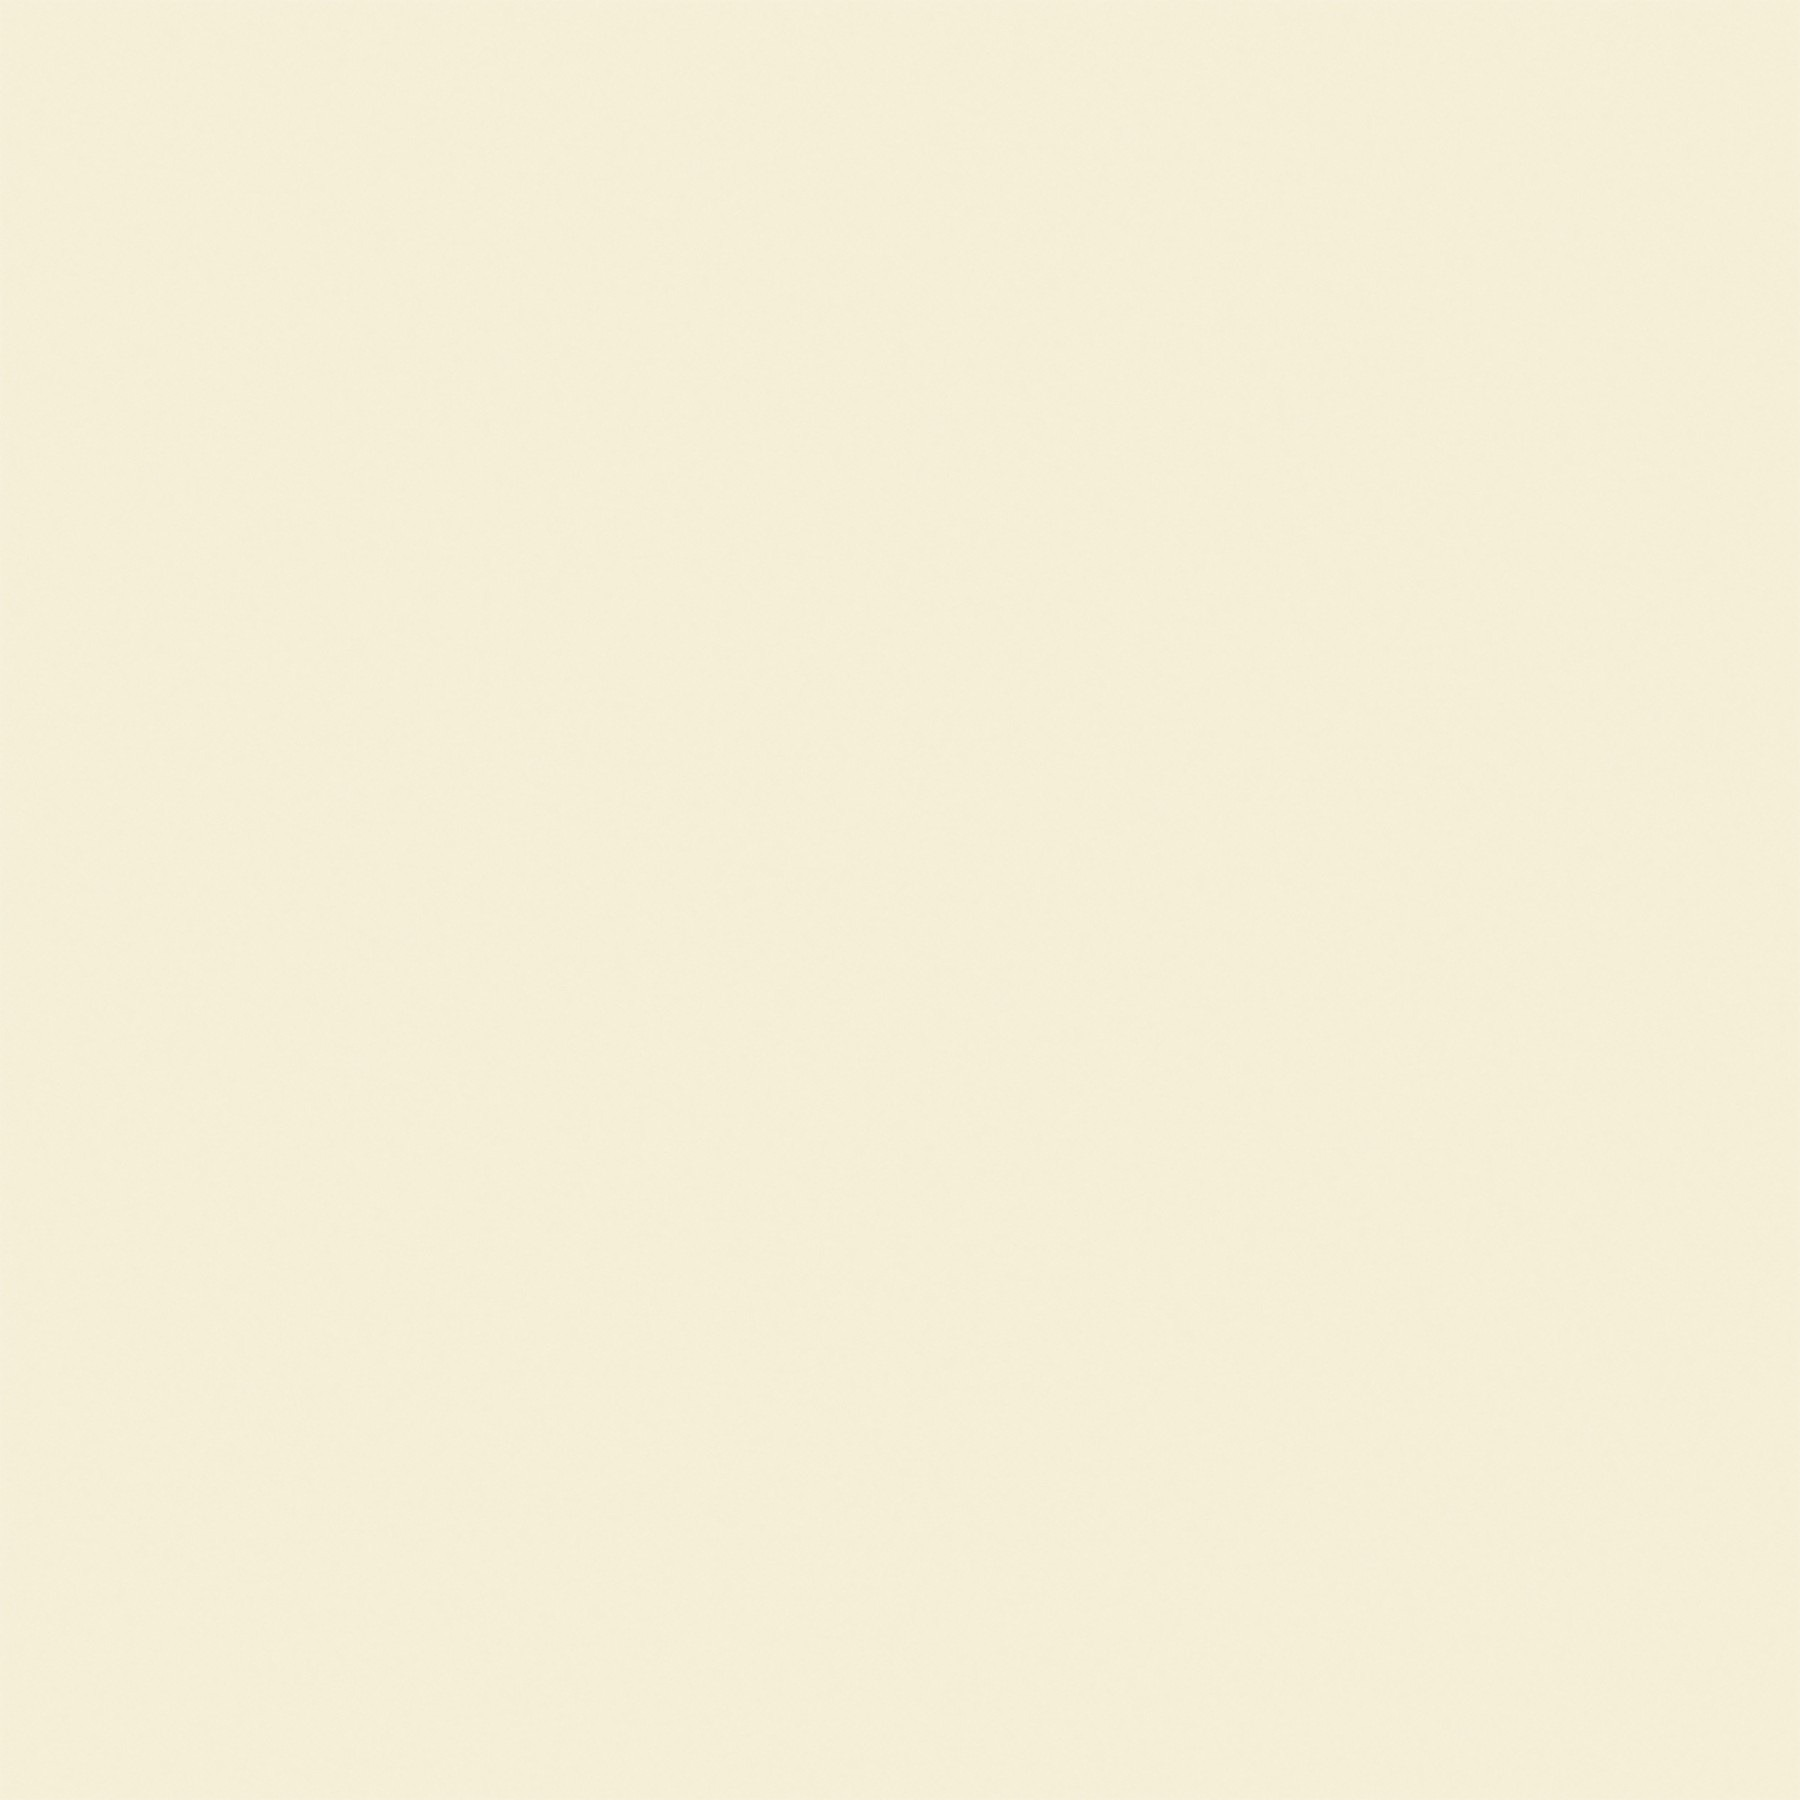 Ceramica Riviera Brilhante Tipo A 53x53cm 227m Bege - Arielle